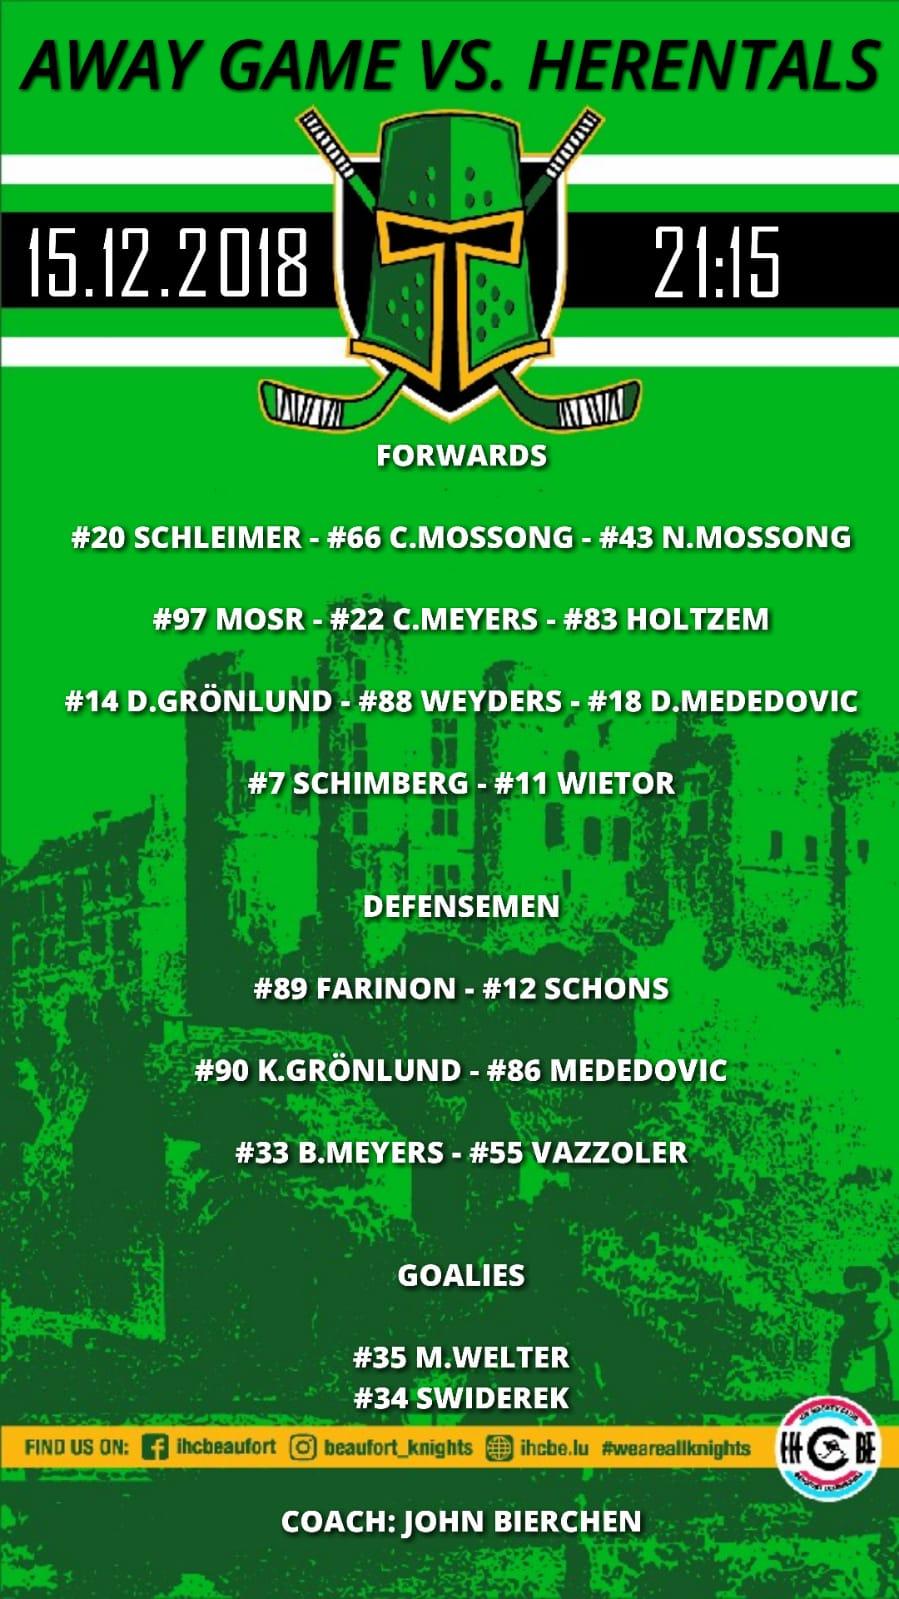 Opstellung vun de Spiller vum Auswärts Match géint Herentals B